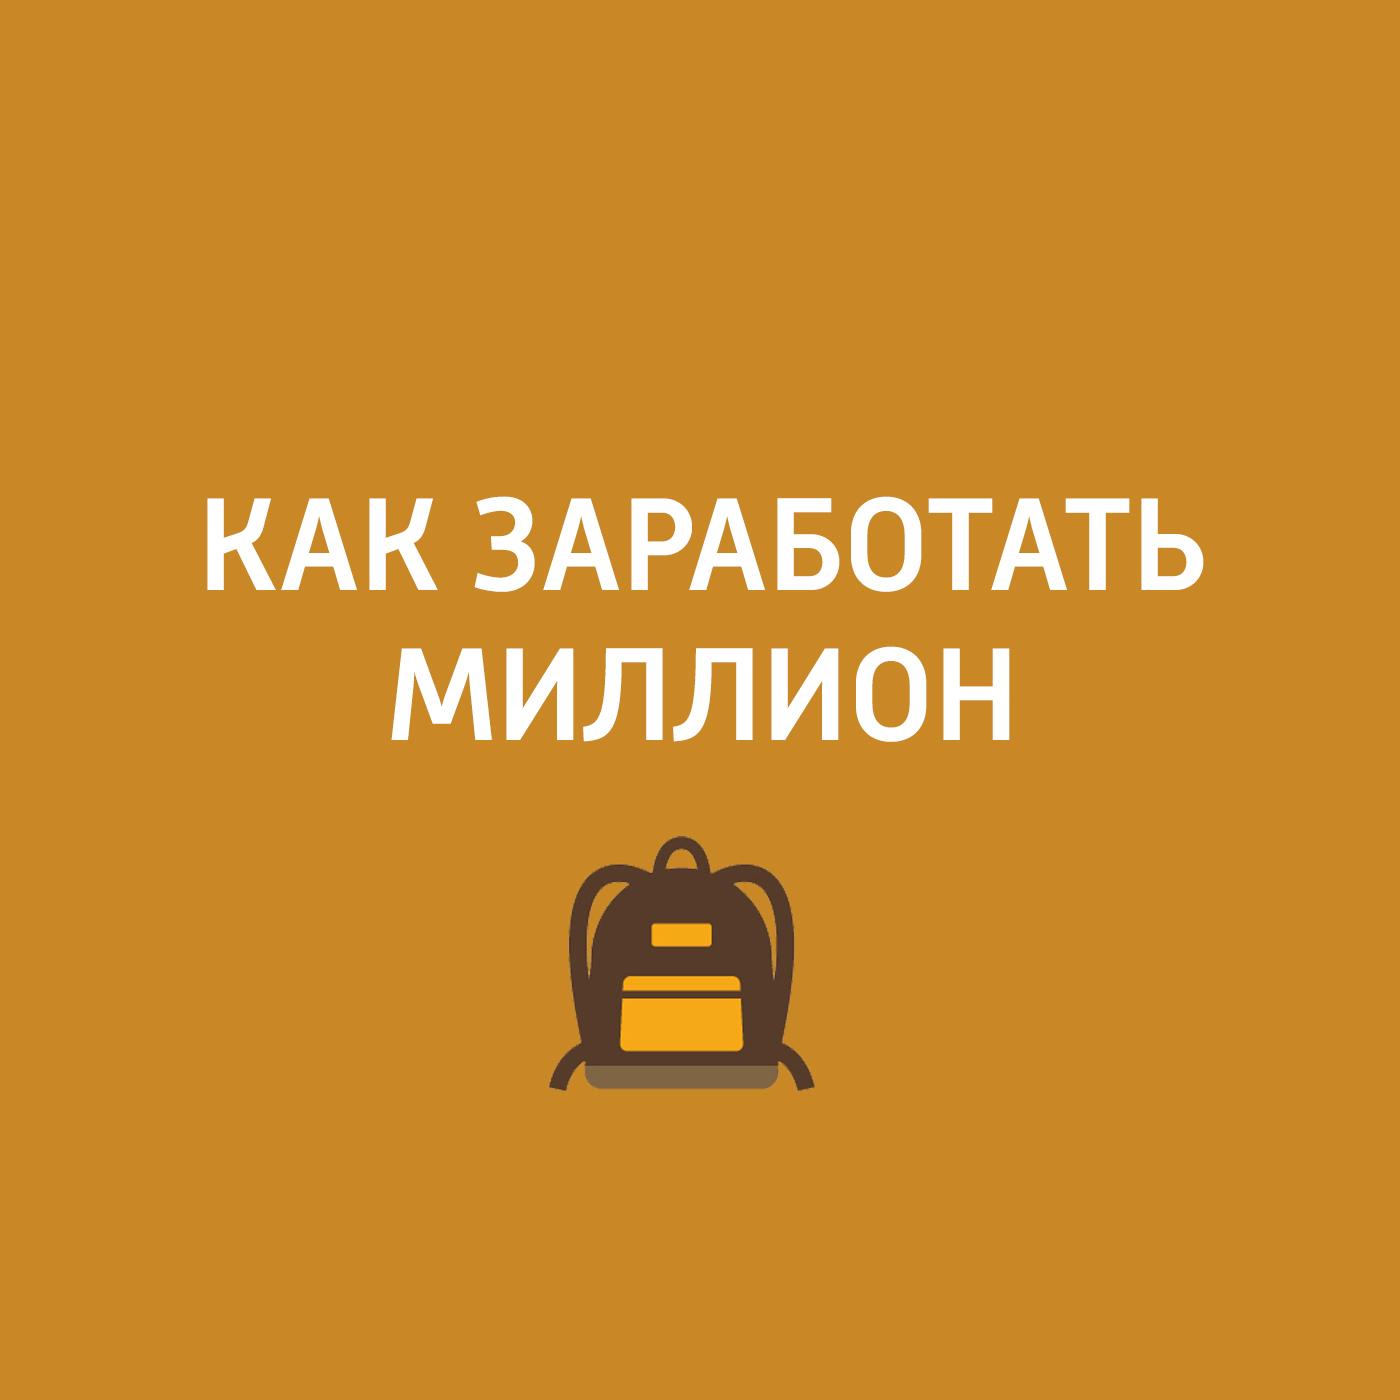 Творческий коллектив шоу «Сергей Стиллавин и его друзья» QBIK